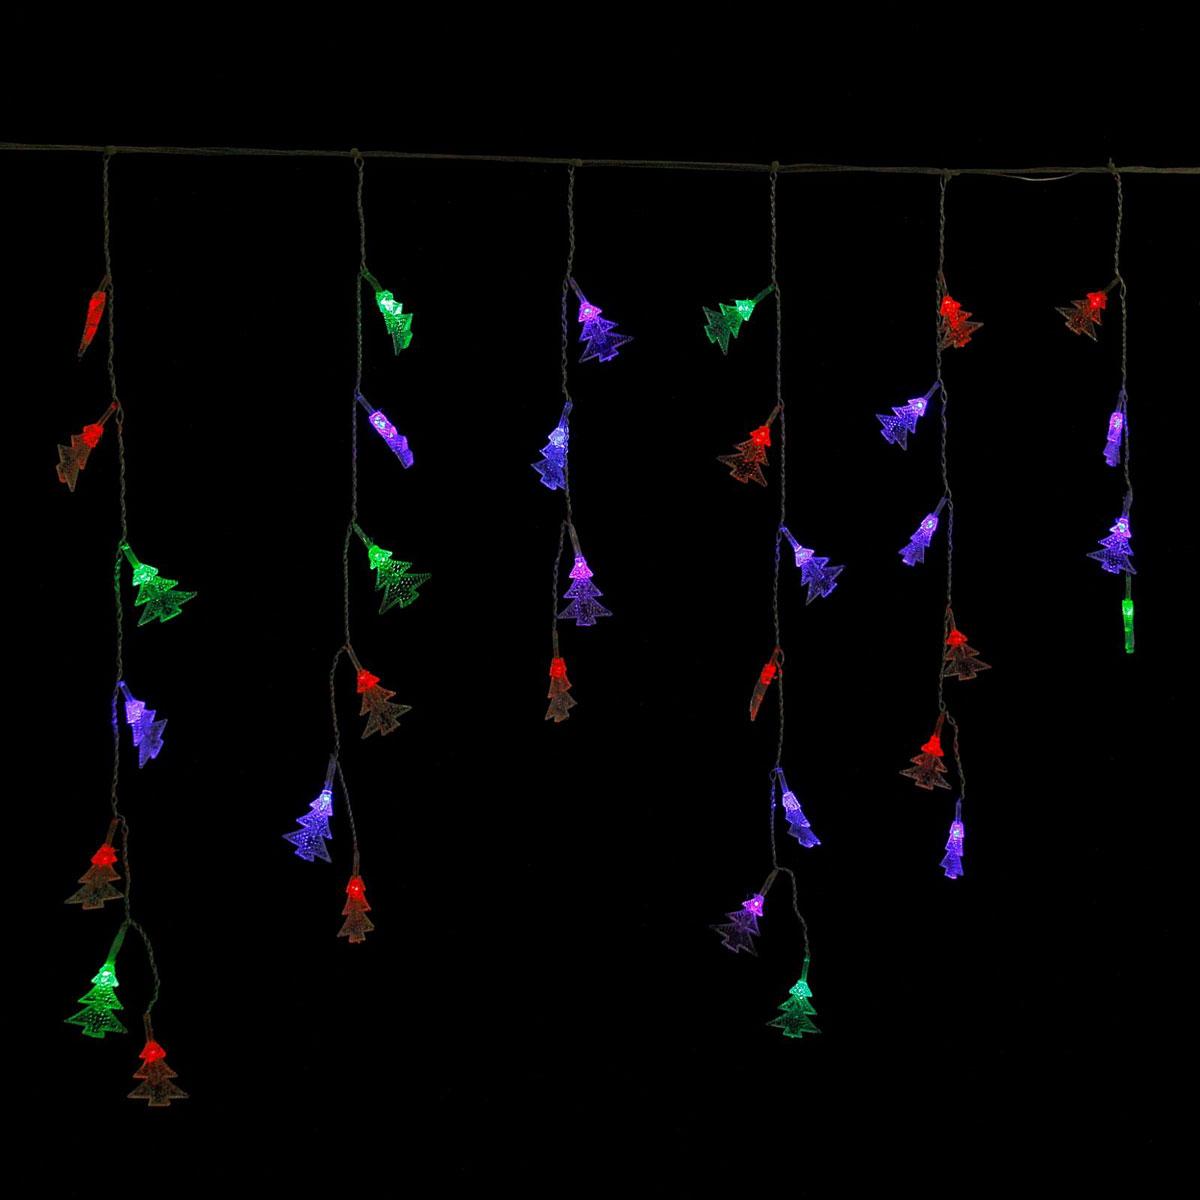 Гирлянда светодиодная Luazon Бахрома. Елки, 100 ламп, 220 V, цвет: мультиколор, 2,8 х 0,6 м. 671644671590Светодиодные гирлянды, ленты и т.д — это отличный вариант для новогоднего оформления интерьера или фасада. С их помощью помещение любого размера можно превратить в праздничный зал, а внешние элементы зданий, украшенные ими, мгновенно станут напоминать очертания сказочного дворца. Такие украшения создают ауру предвкушения чуда. Деревья, фасады, витрины, окна и арки будто специально созданы, чтобы вы украсили их светящимися нитями.